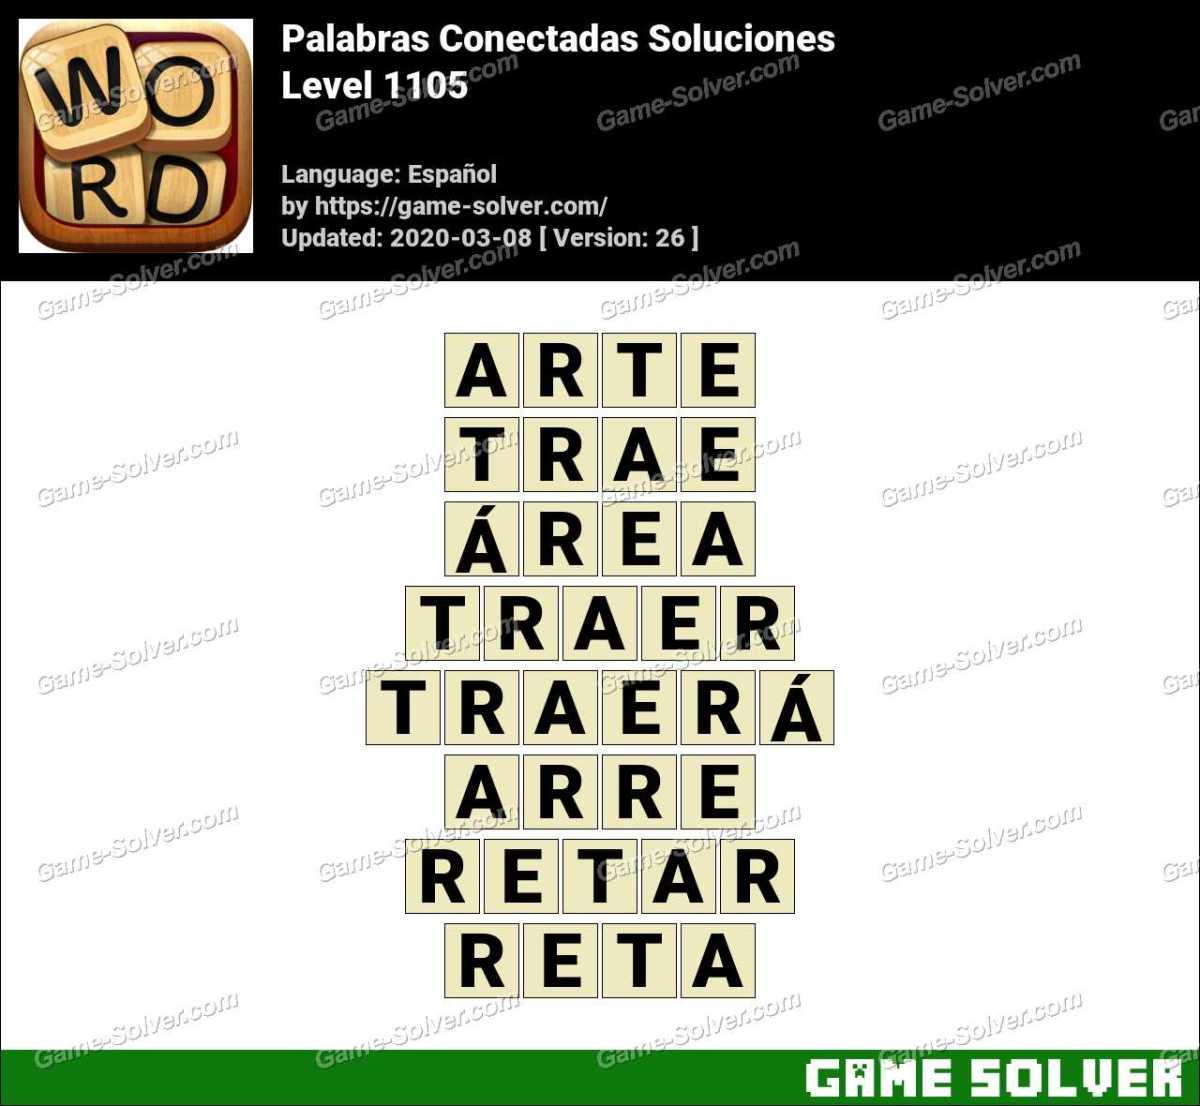 Palabras Conectadas Nivel 1105 Soluciones